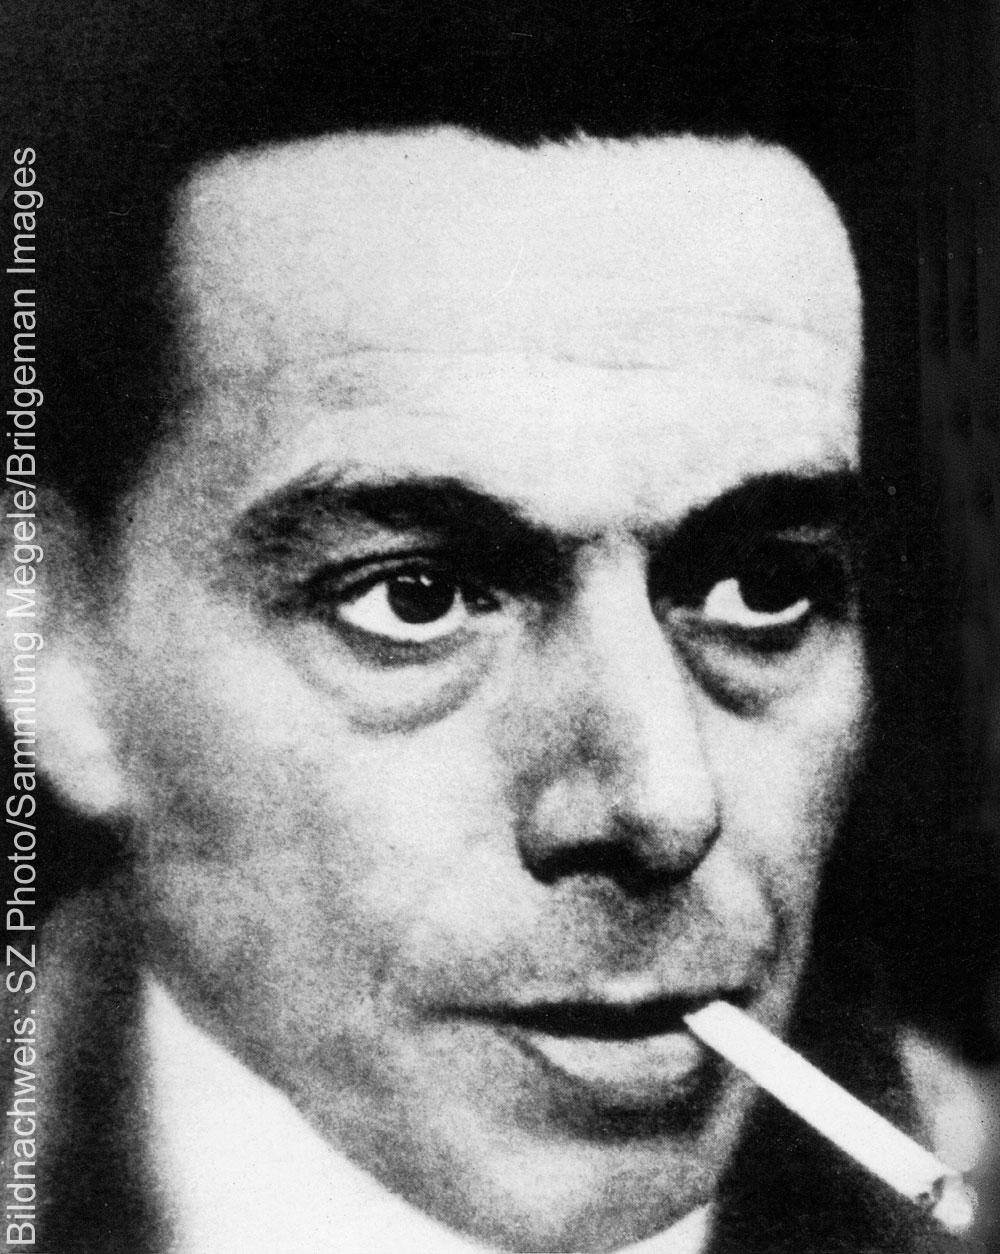 Porträt des Künstlers Ernst Ludwig Kirchner